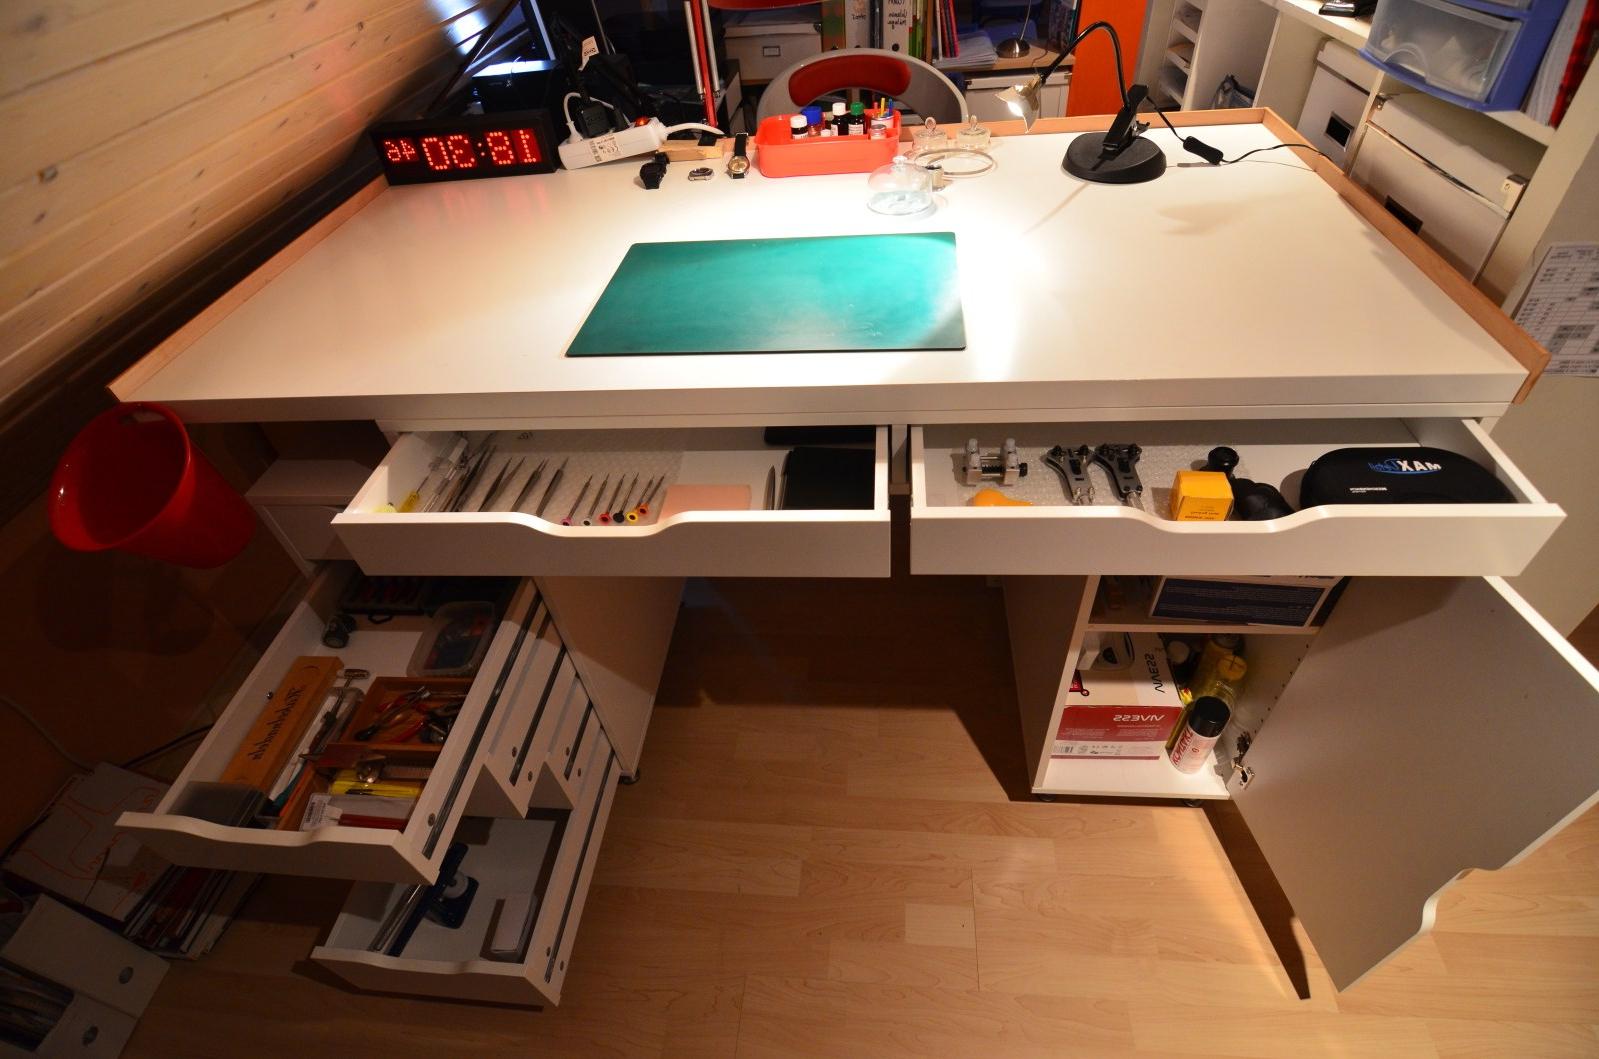 Mesa Trabajo Ikea U3dh Mesa Trabajo Ikea Mesas De Cocina Pequeas Ikea Mesa De Trabajo